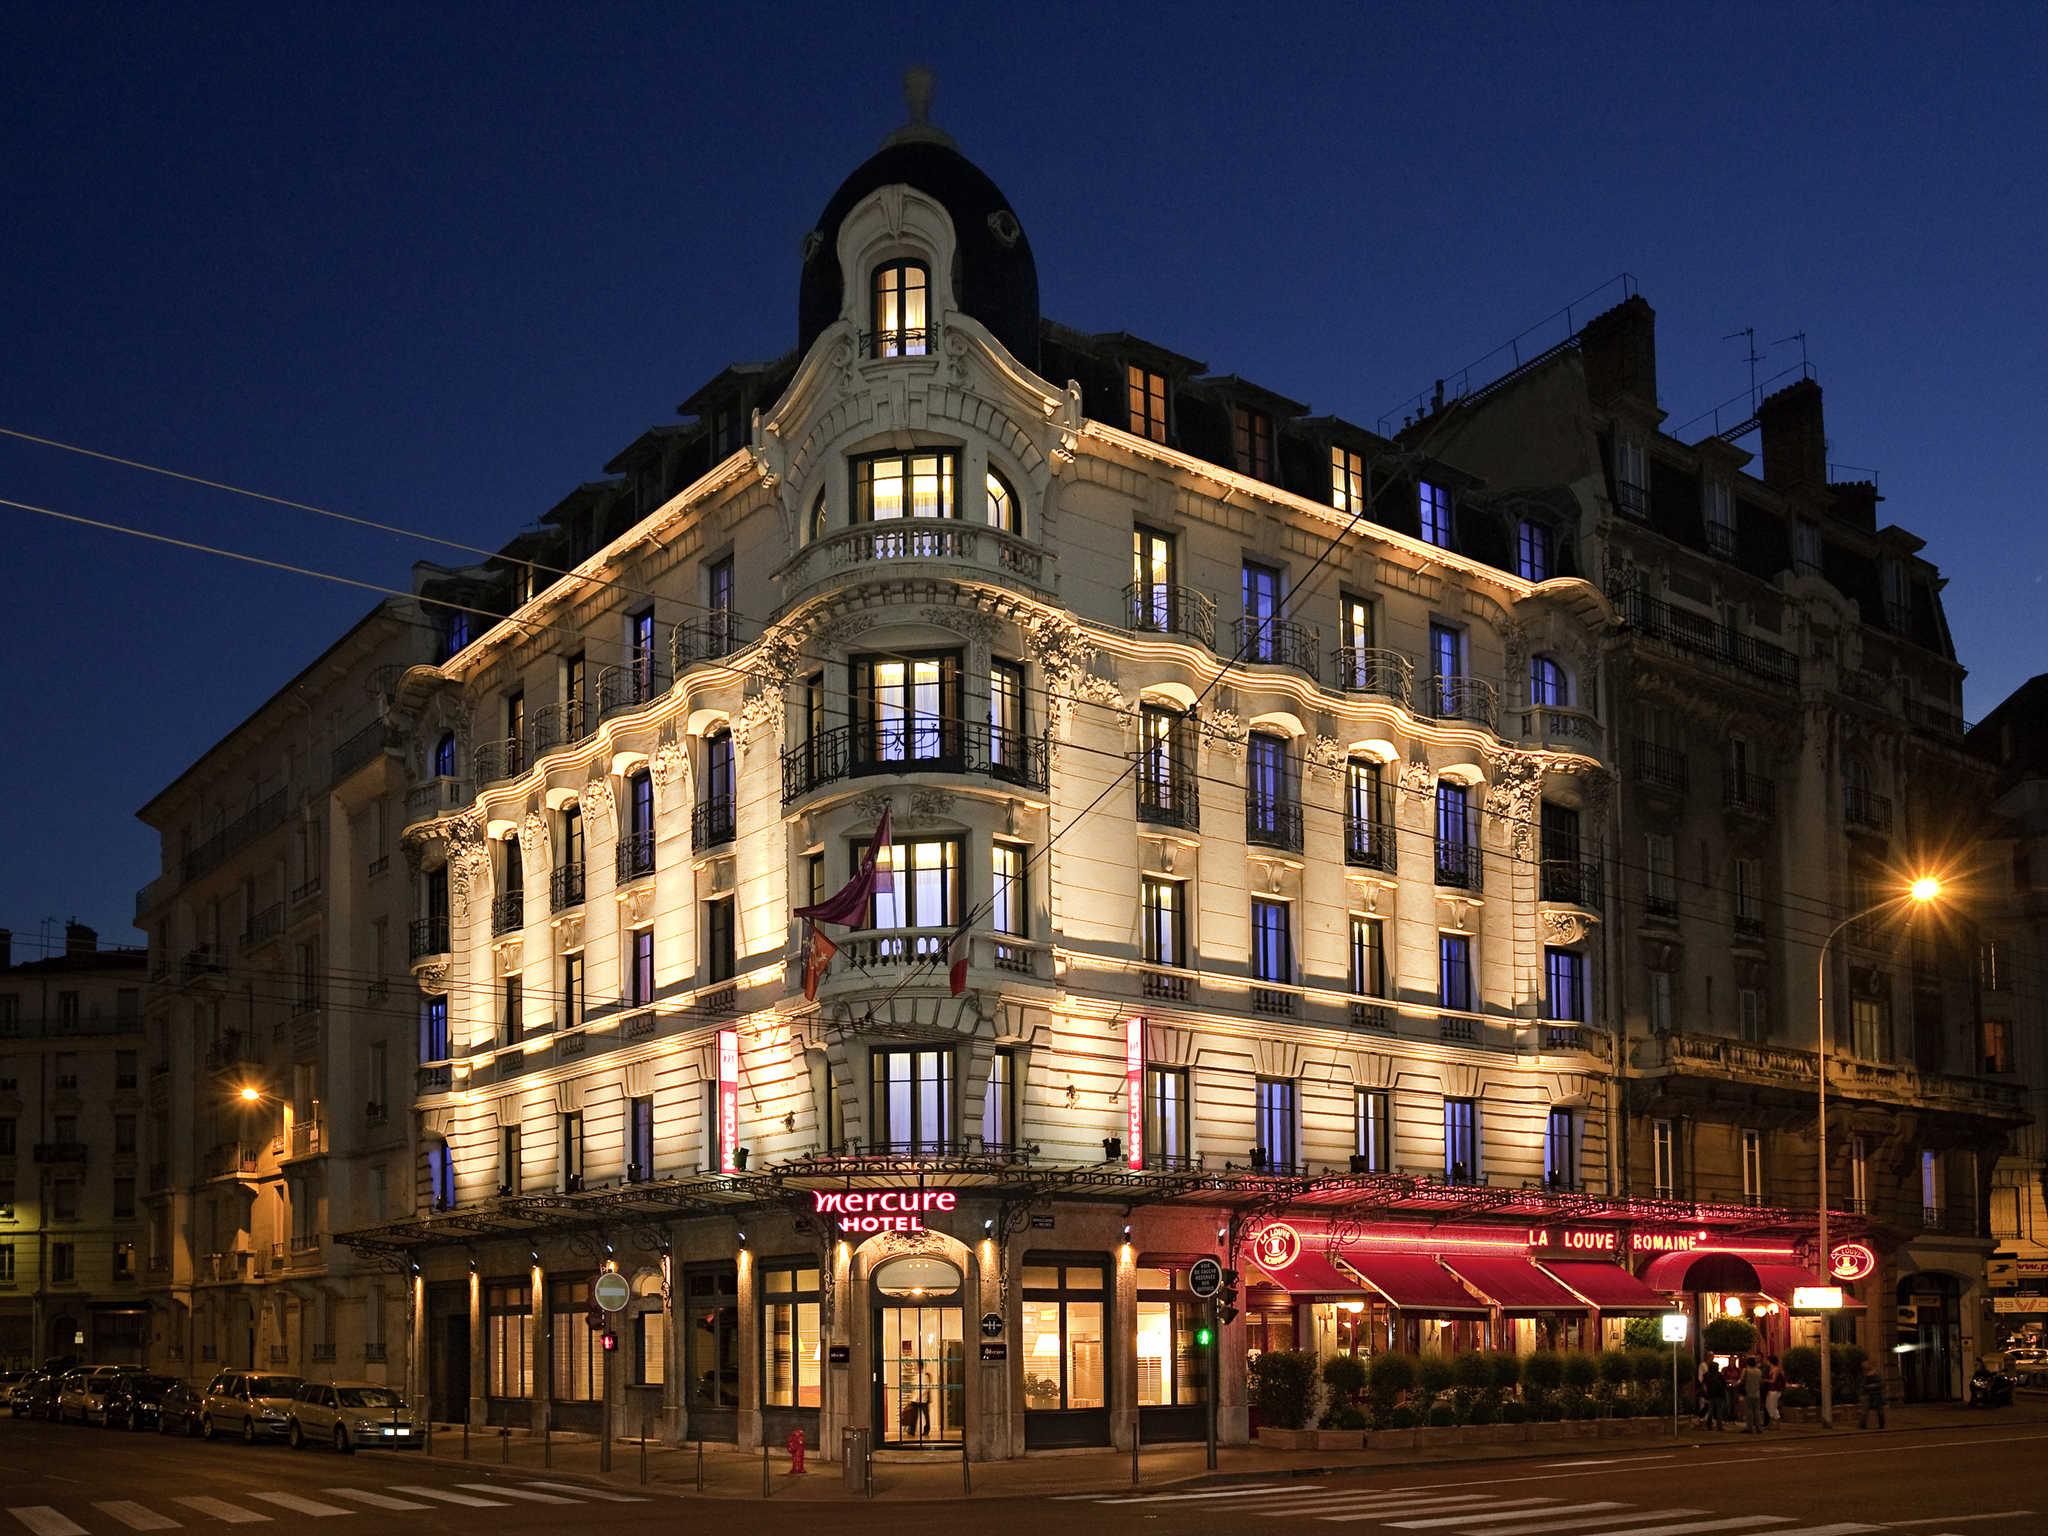 Hôtel - Hôtel Mercure Lyon Centre Brotteaux